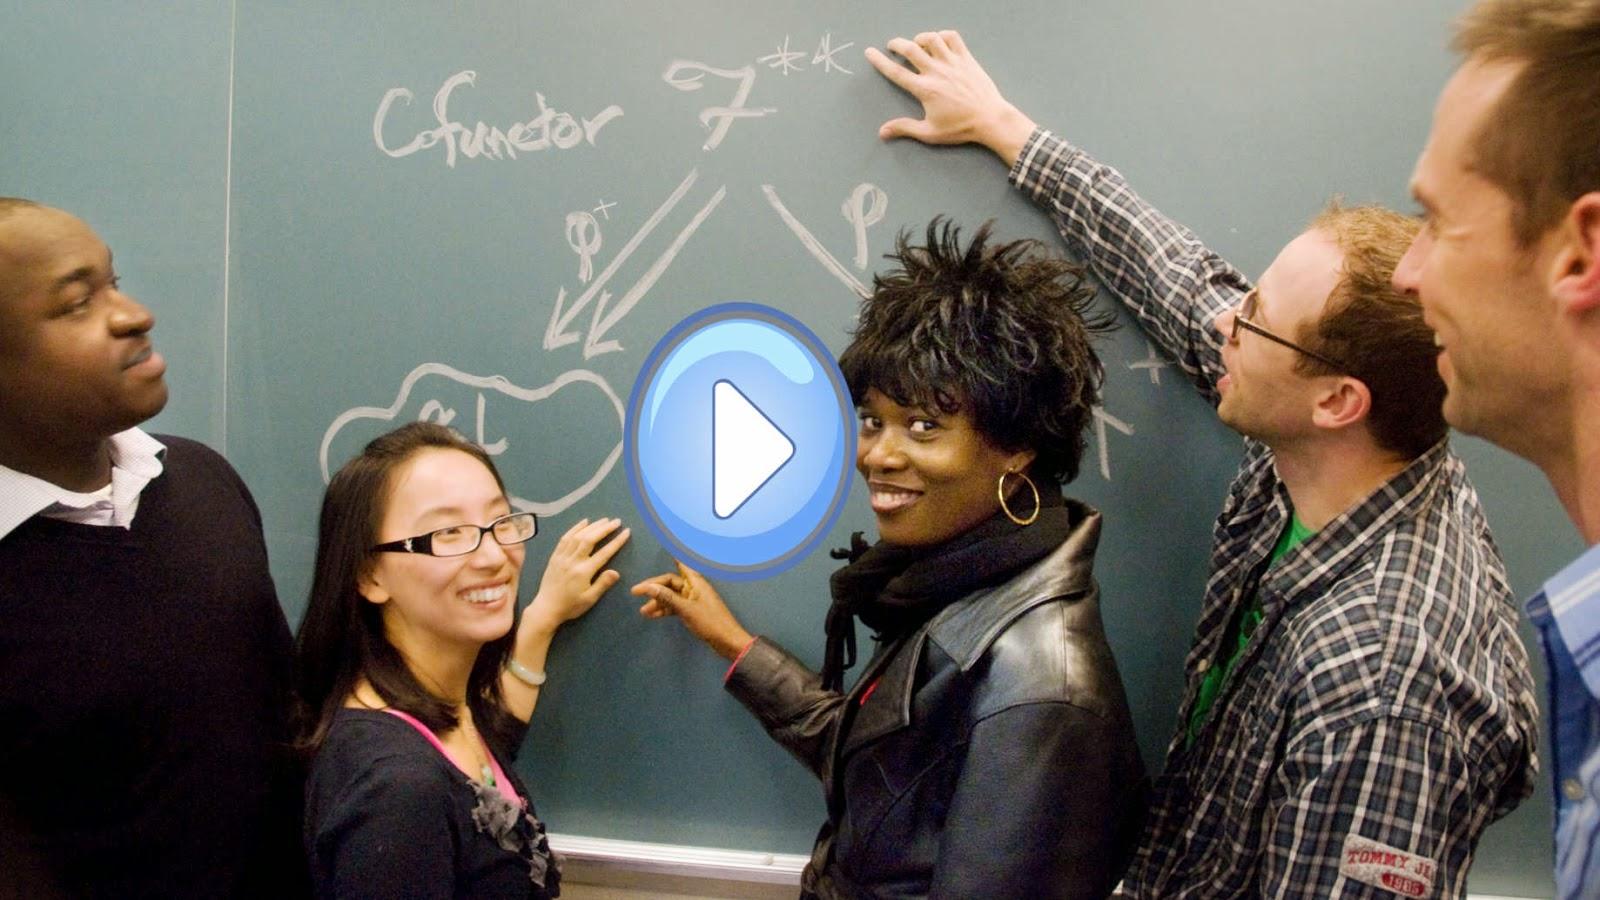 Idea 16 de 1000 ideas de tesis: ¿Cómo estudiar el trabajo de los profesores frente a grupo desde una visión de la construcción colaborativa de criterios de evaluación?